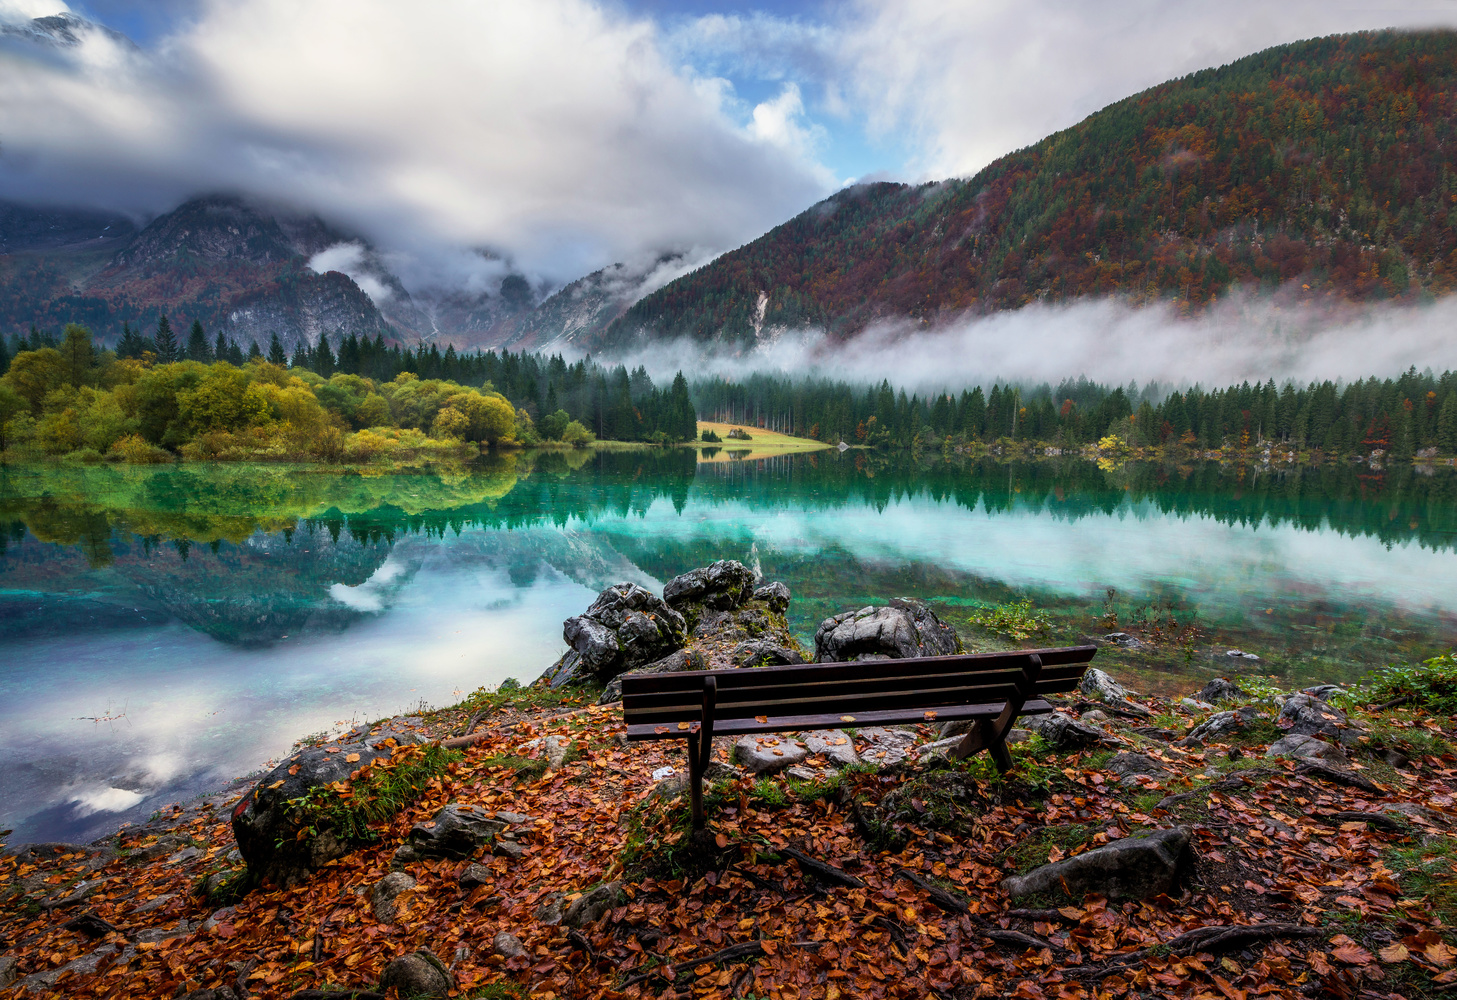 Autumn paradise by Ales Krivec